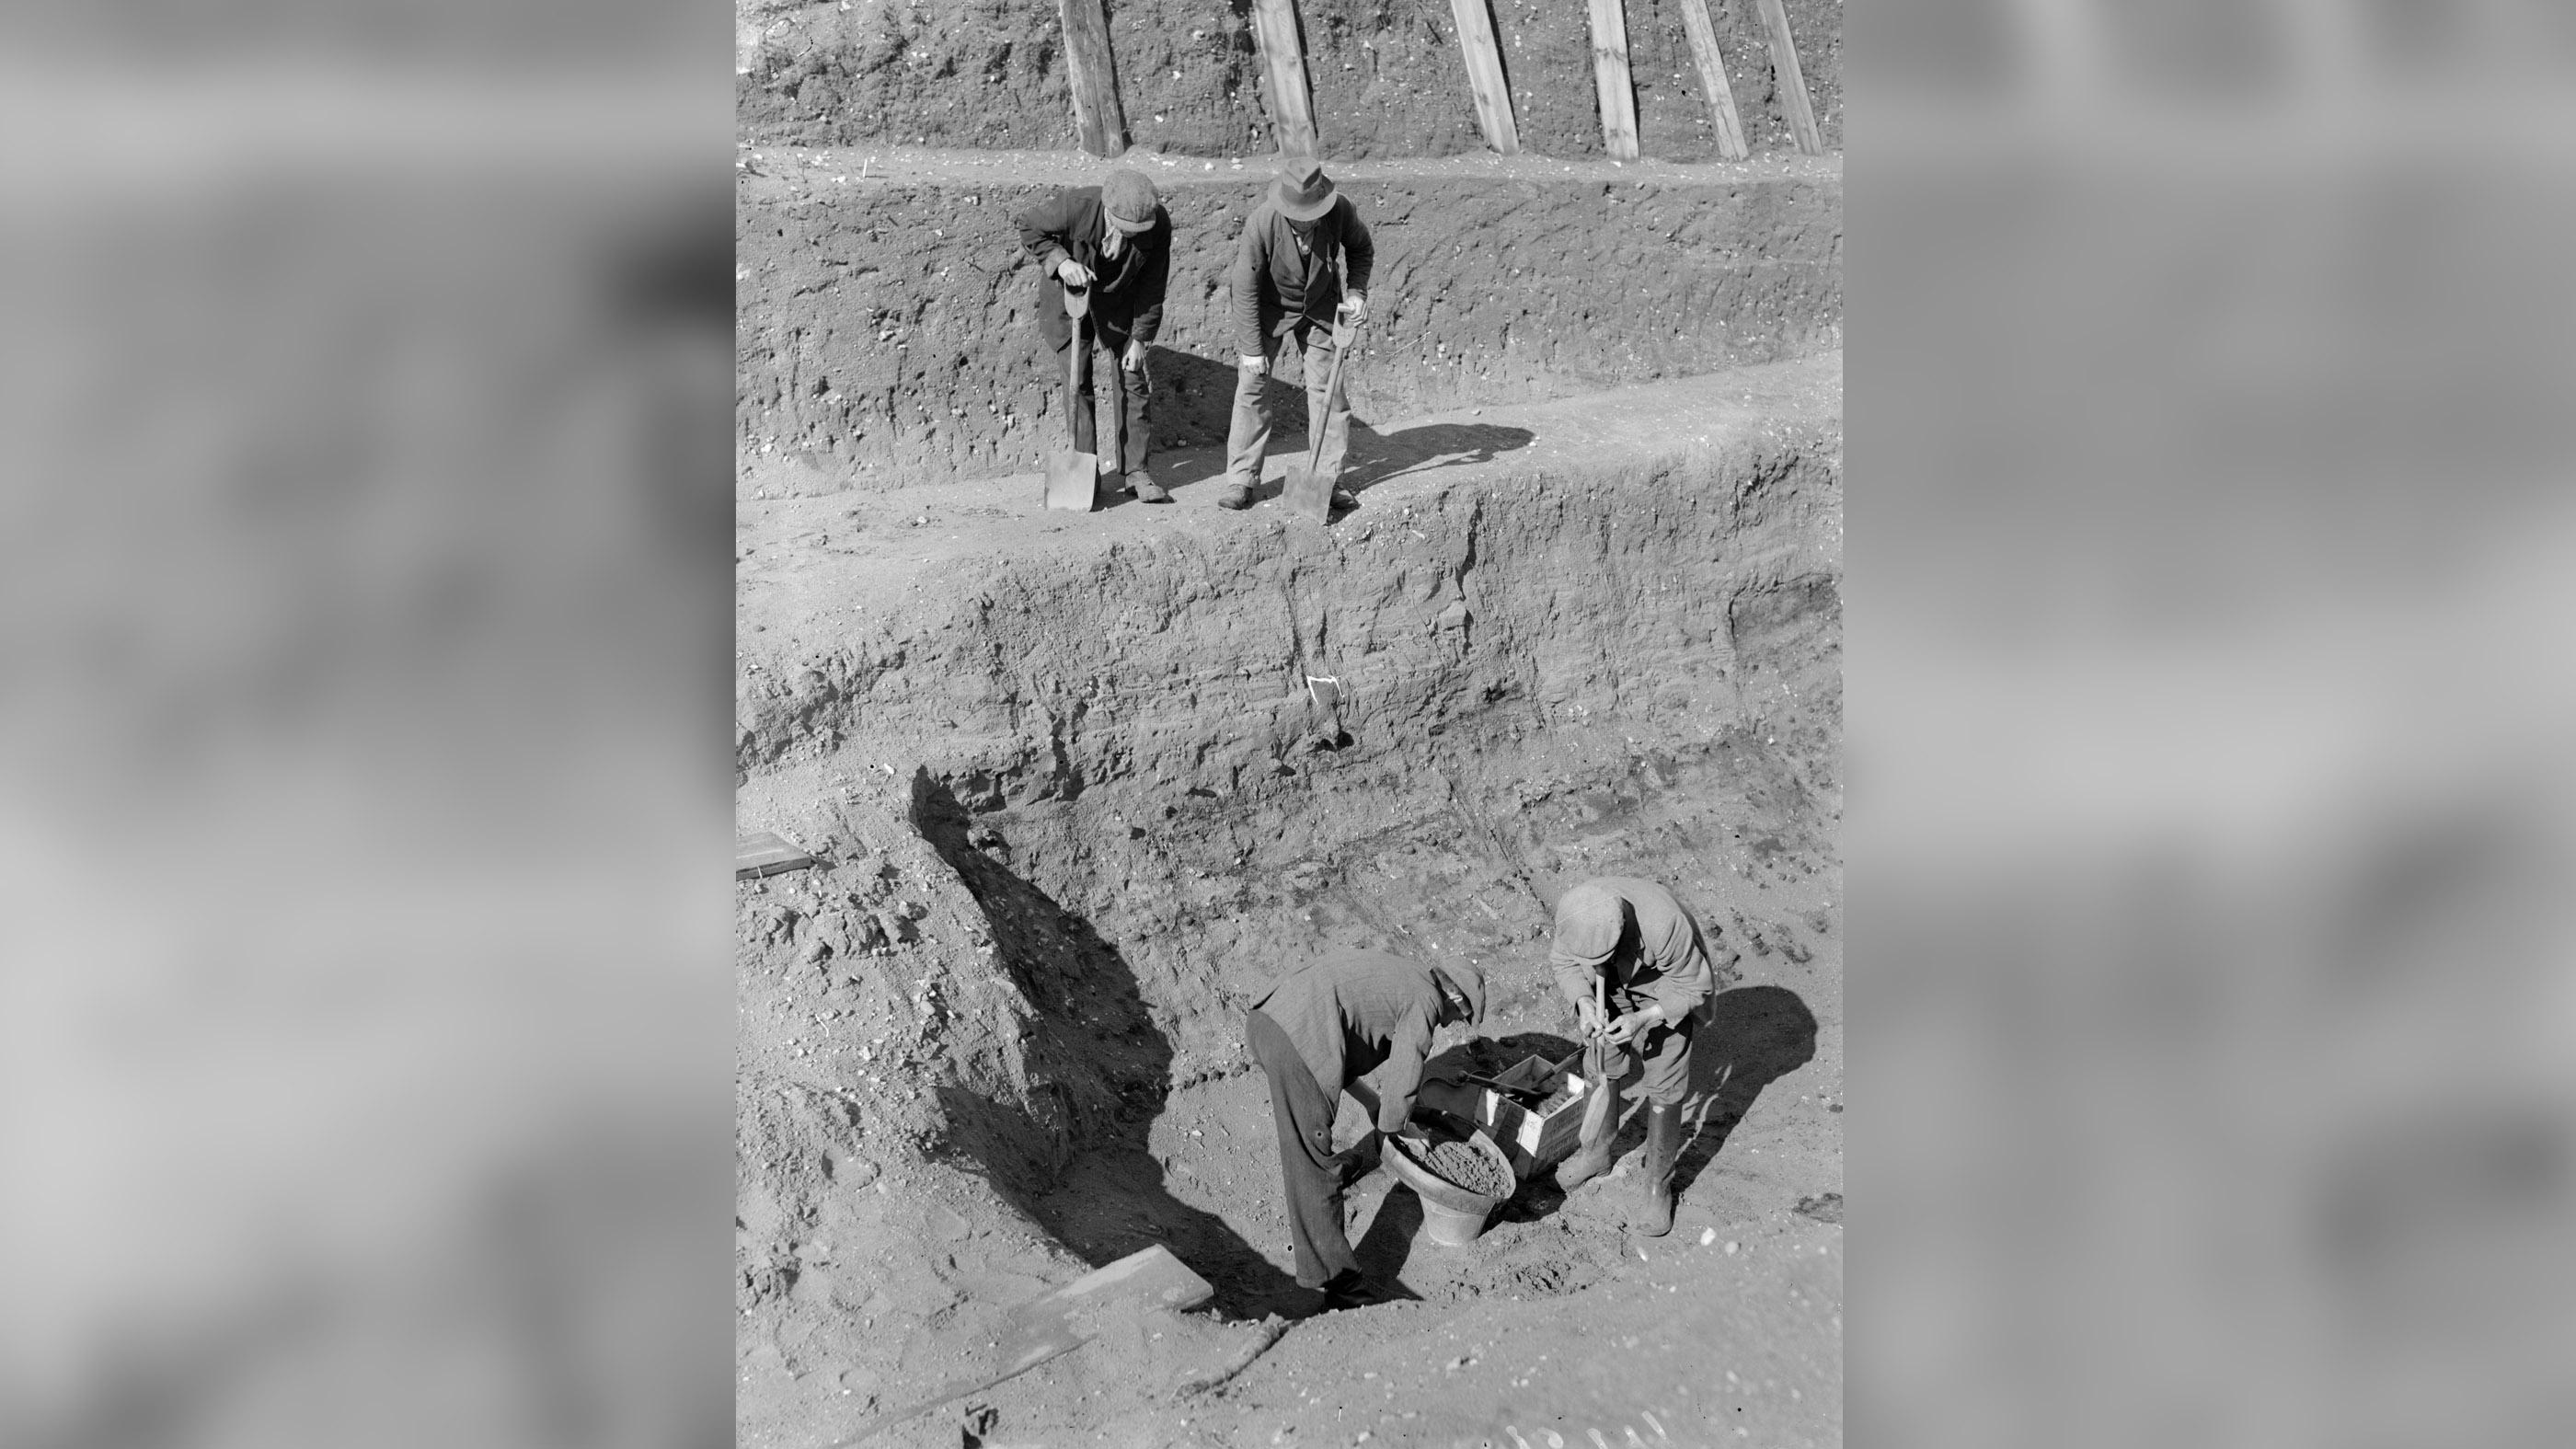 Le 31 juillet 1939, des ouvriers passent au crible la terre au fond de l'excavation du navire funéraire anglo-saxon à Sutton Hoo dans le Suffolk, en Angleterre.